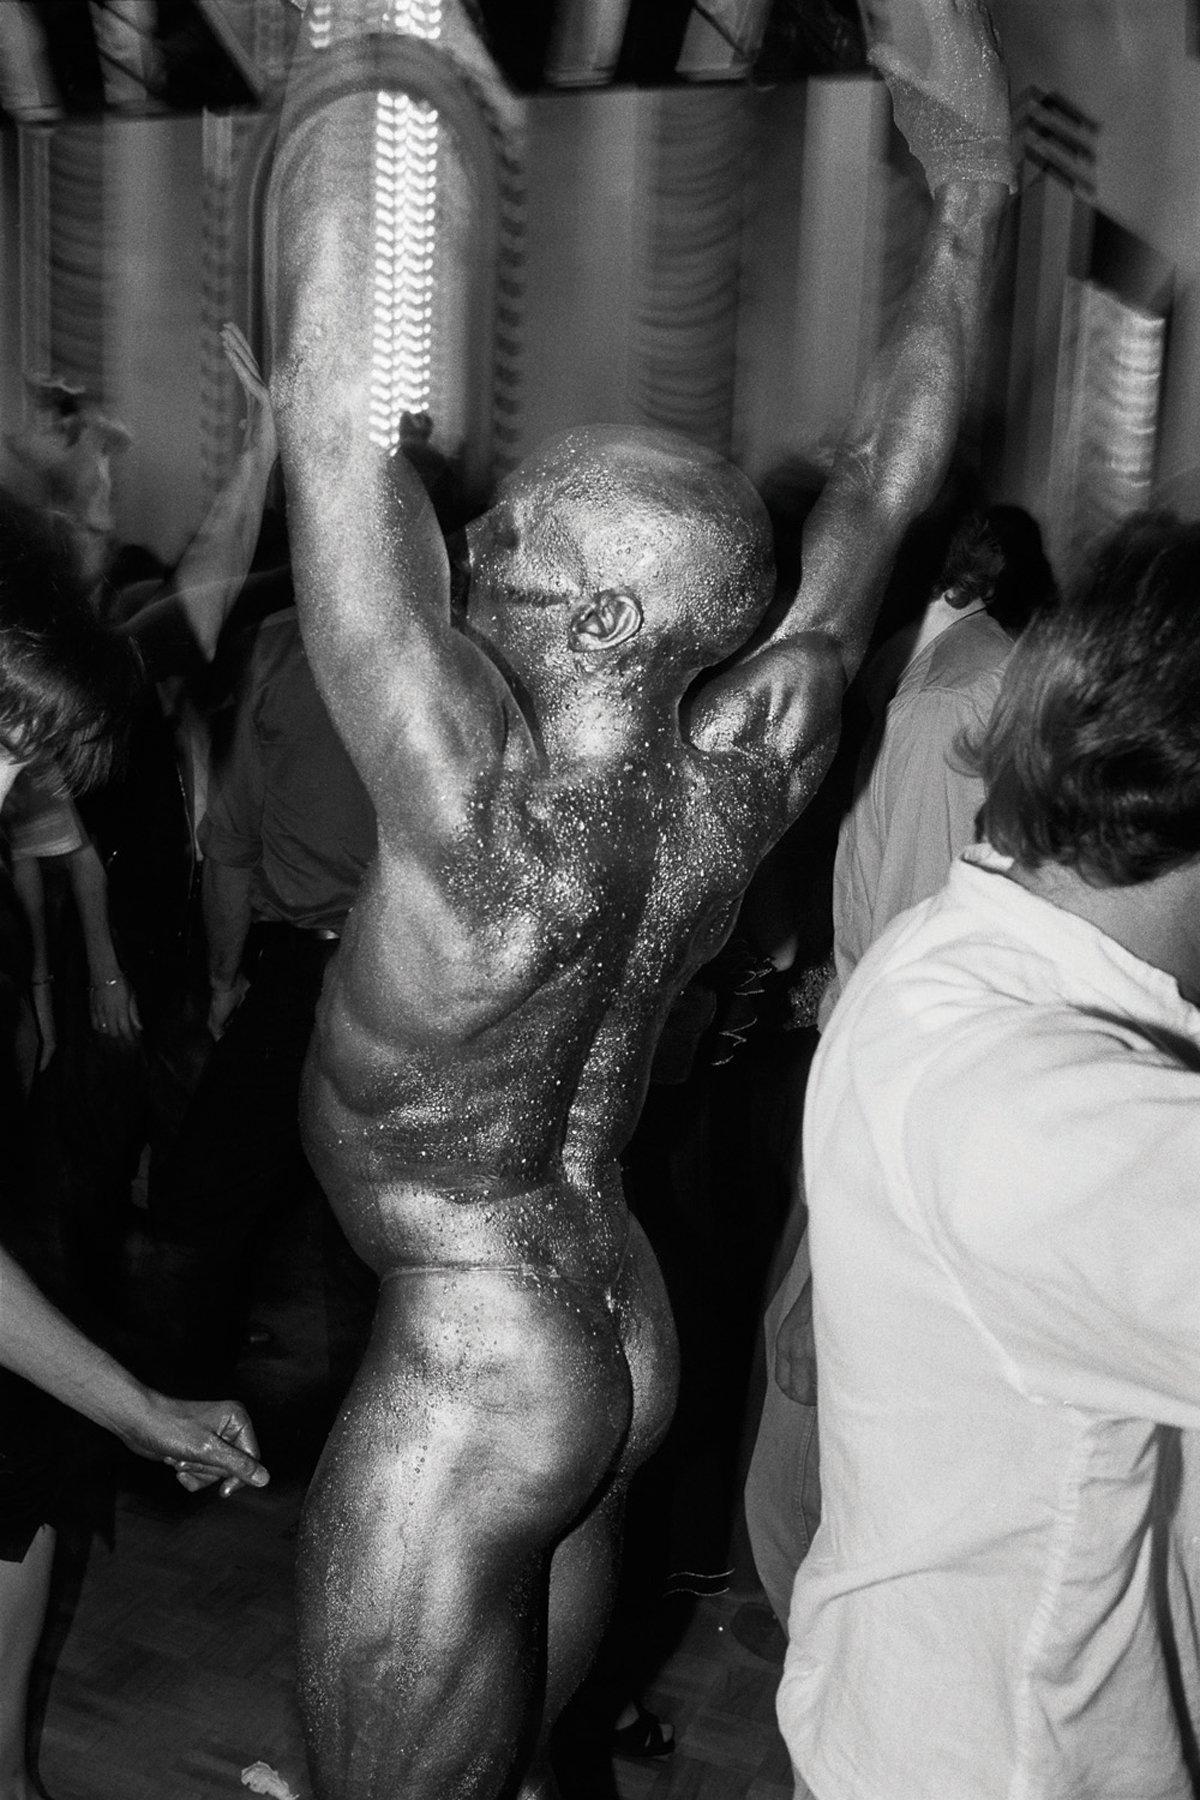 70年代美國紐約傳奇夜店「Studio 54」,政商名流性解放、嬉皮爆棚的 Disco 盛世27